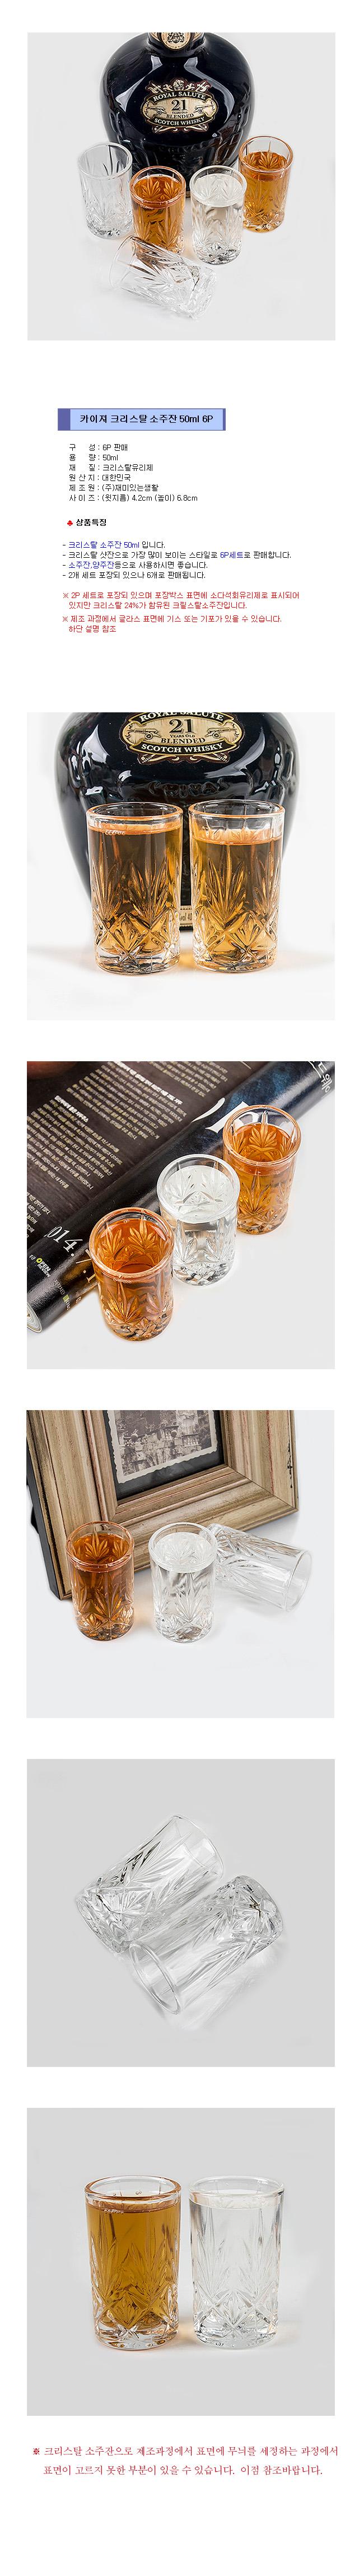 카이져 크리스탈 소주잔 6P - 더리빙샵, 16,800원, 유리컵/술잔, 양주/위스키잔